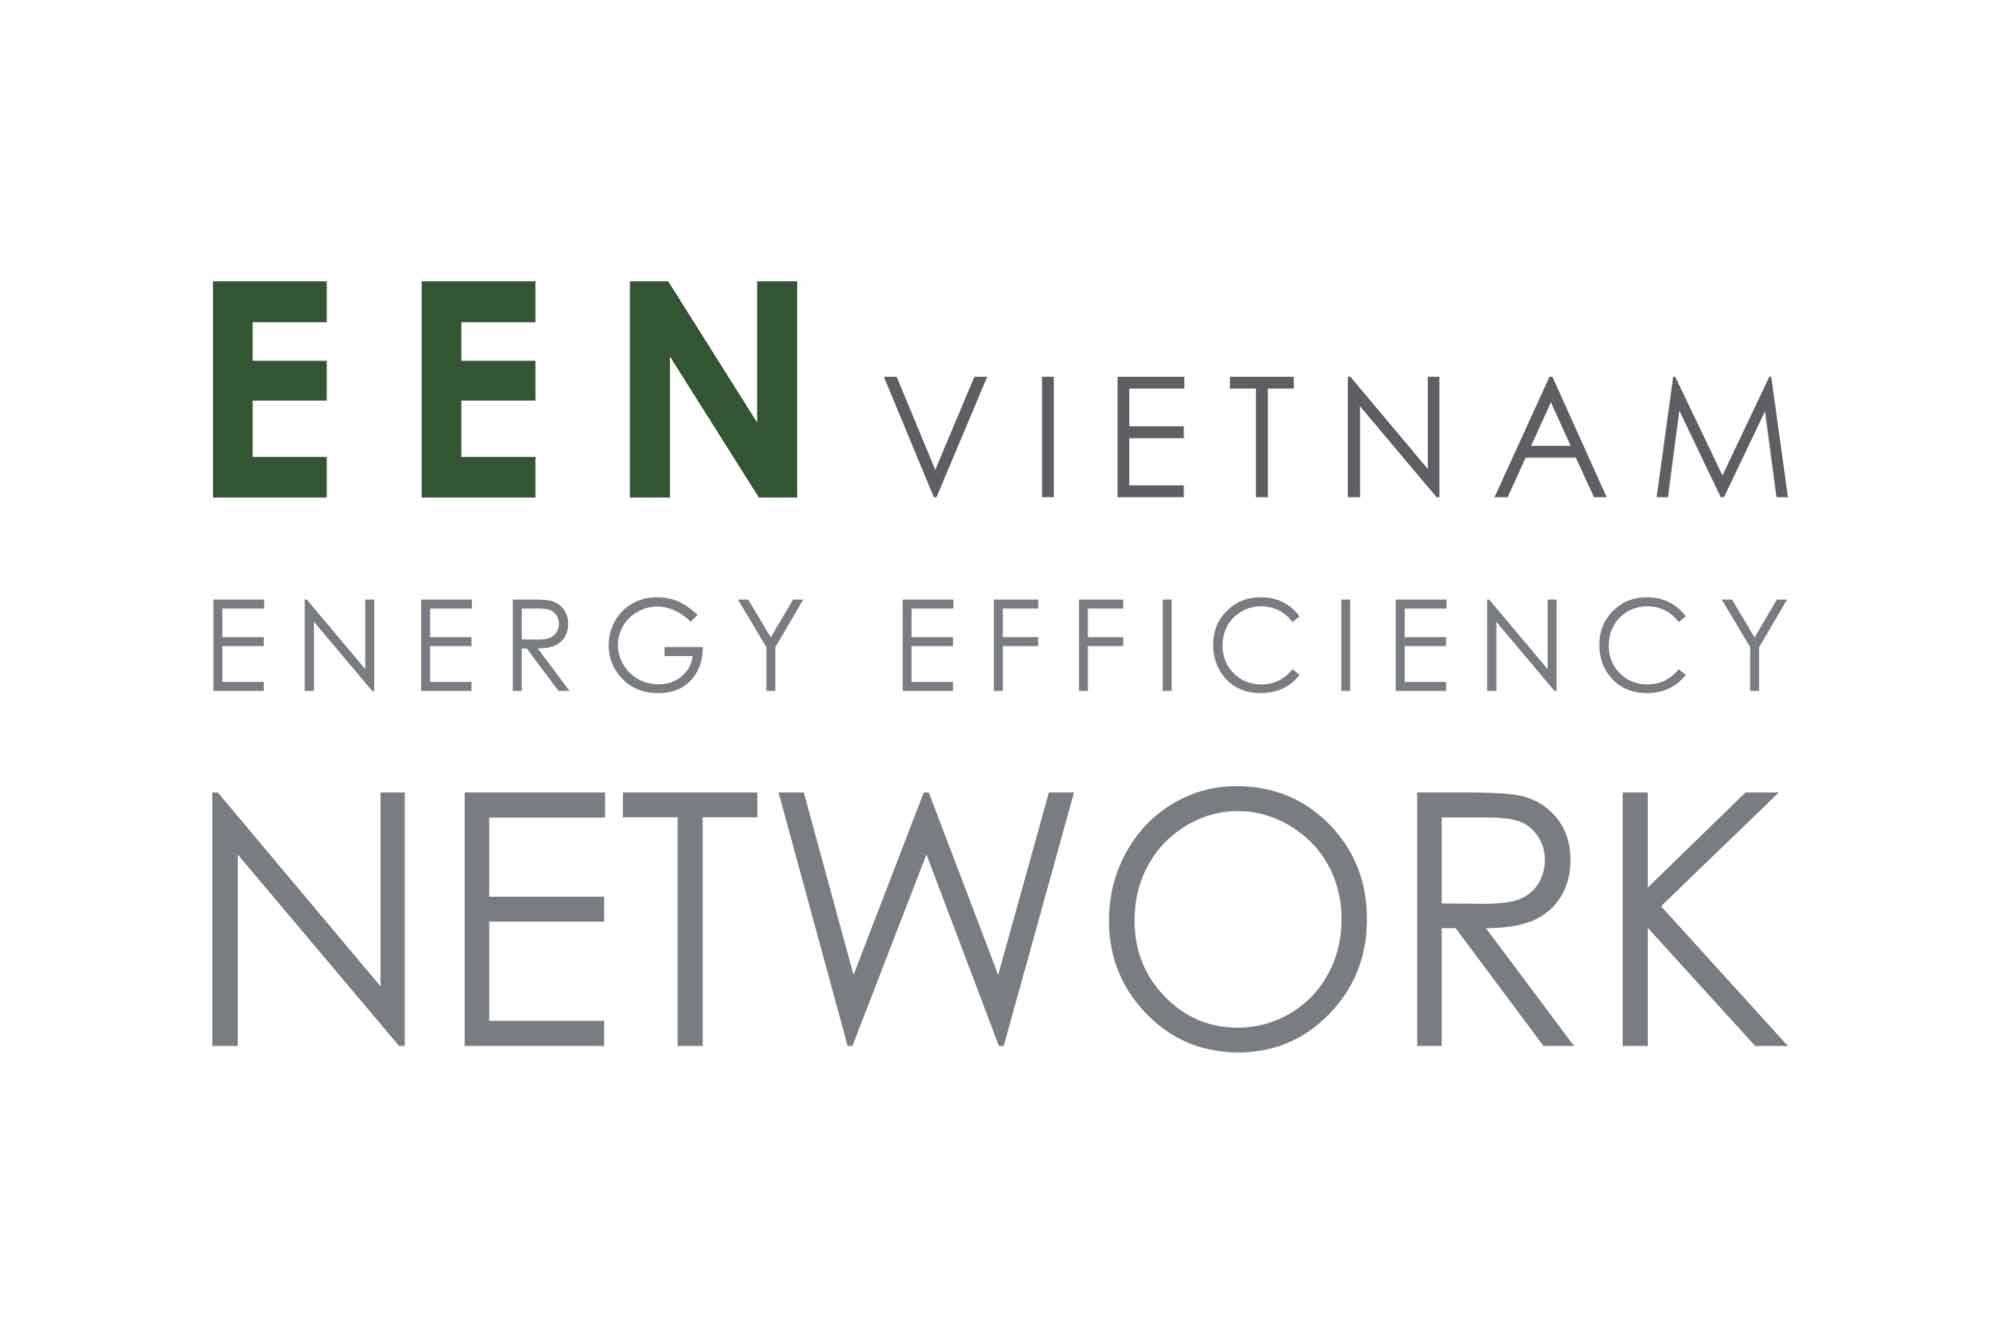 Energy Efficiency Network